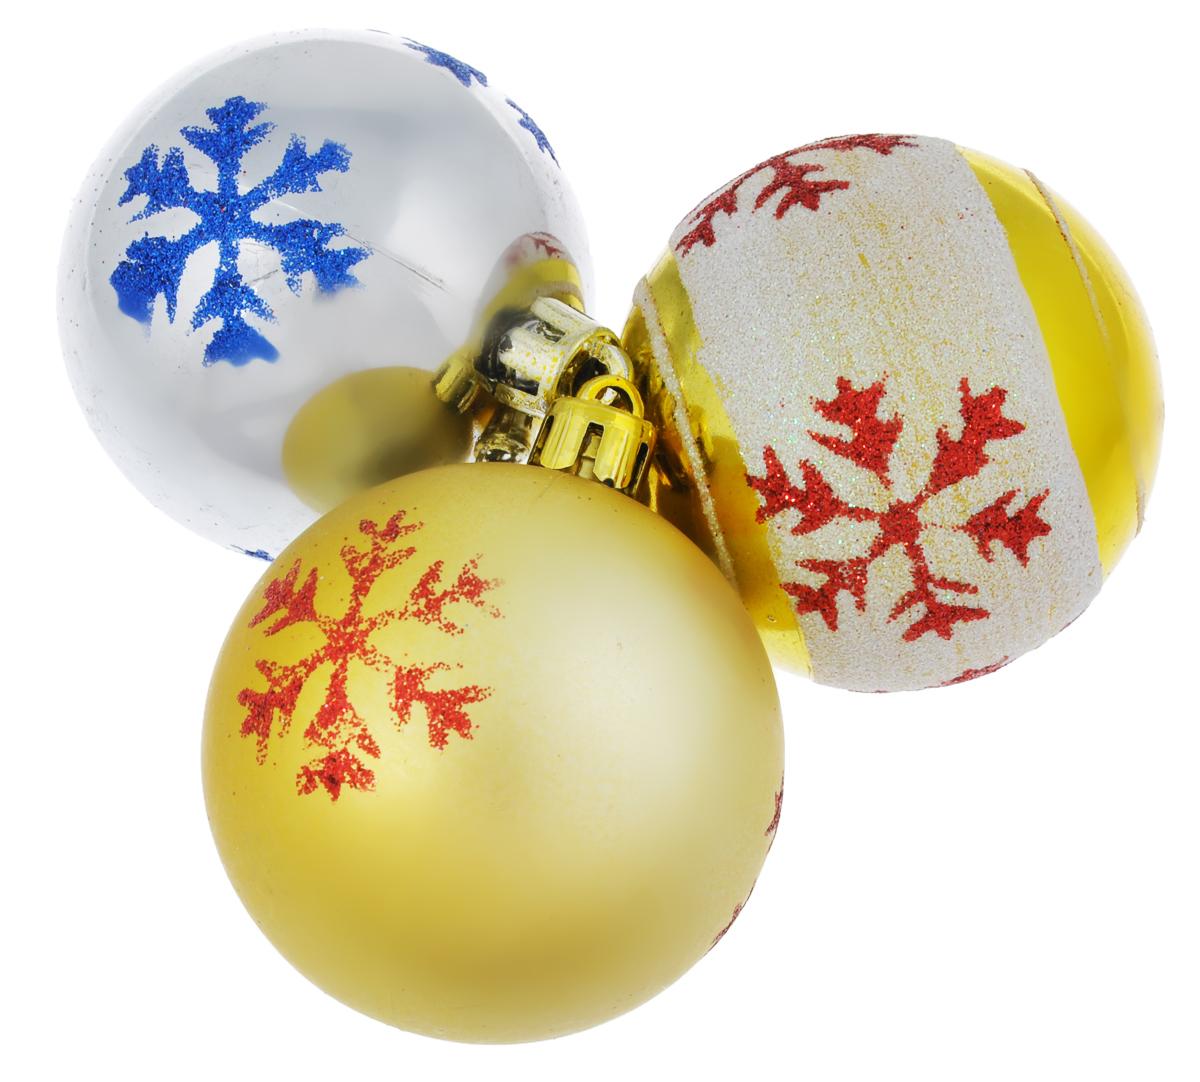 Набор новогодних подвесных украшений EuroHouse Снежинки, цвет: золотистый, красный, синий, диаметр 6 см, 3 шт. ЕХ9268_1ЕХ9268_1 золотистый/1 белый, золотистый/1 серебристыйНабор новогодних подвесных украшений EuroHouse Снежинки прекрасно подойдет для праздничного декора новогодней ели. Набор состоит из 3 пластиковых украшений в виде 1 глянцевого и 2 матовых шаров декорированных снежинками. Для удобного размещения на елке для каждого изделия предусмотрена текстильная петелька. Елочная игрушка - символ Нового года. Она несет в себе волшебство и красоту праздника. Создайте в своем доме атмосферу веселья и радости, украшая новогоднюю елку нарядными игрушками, которые будут из года в год накапливать теплоту воспоминаний.